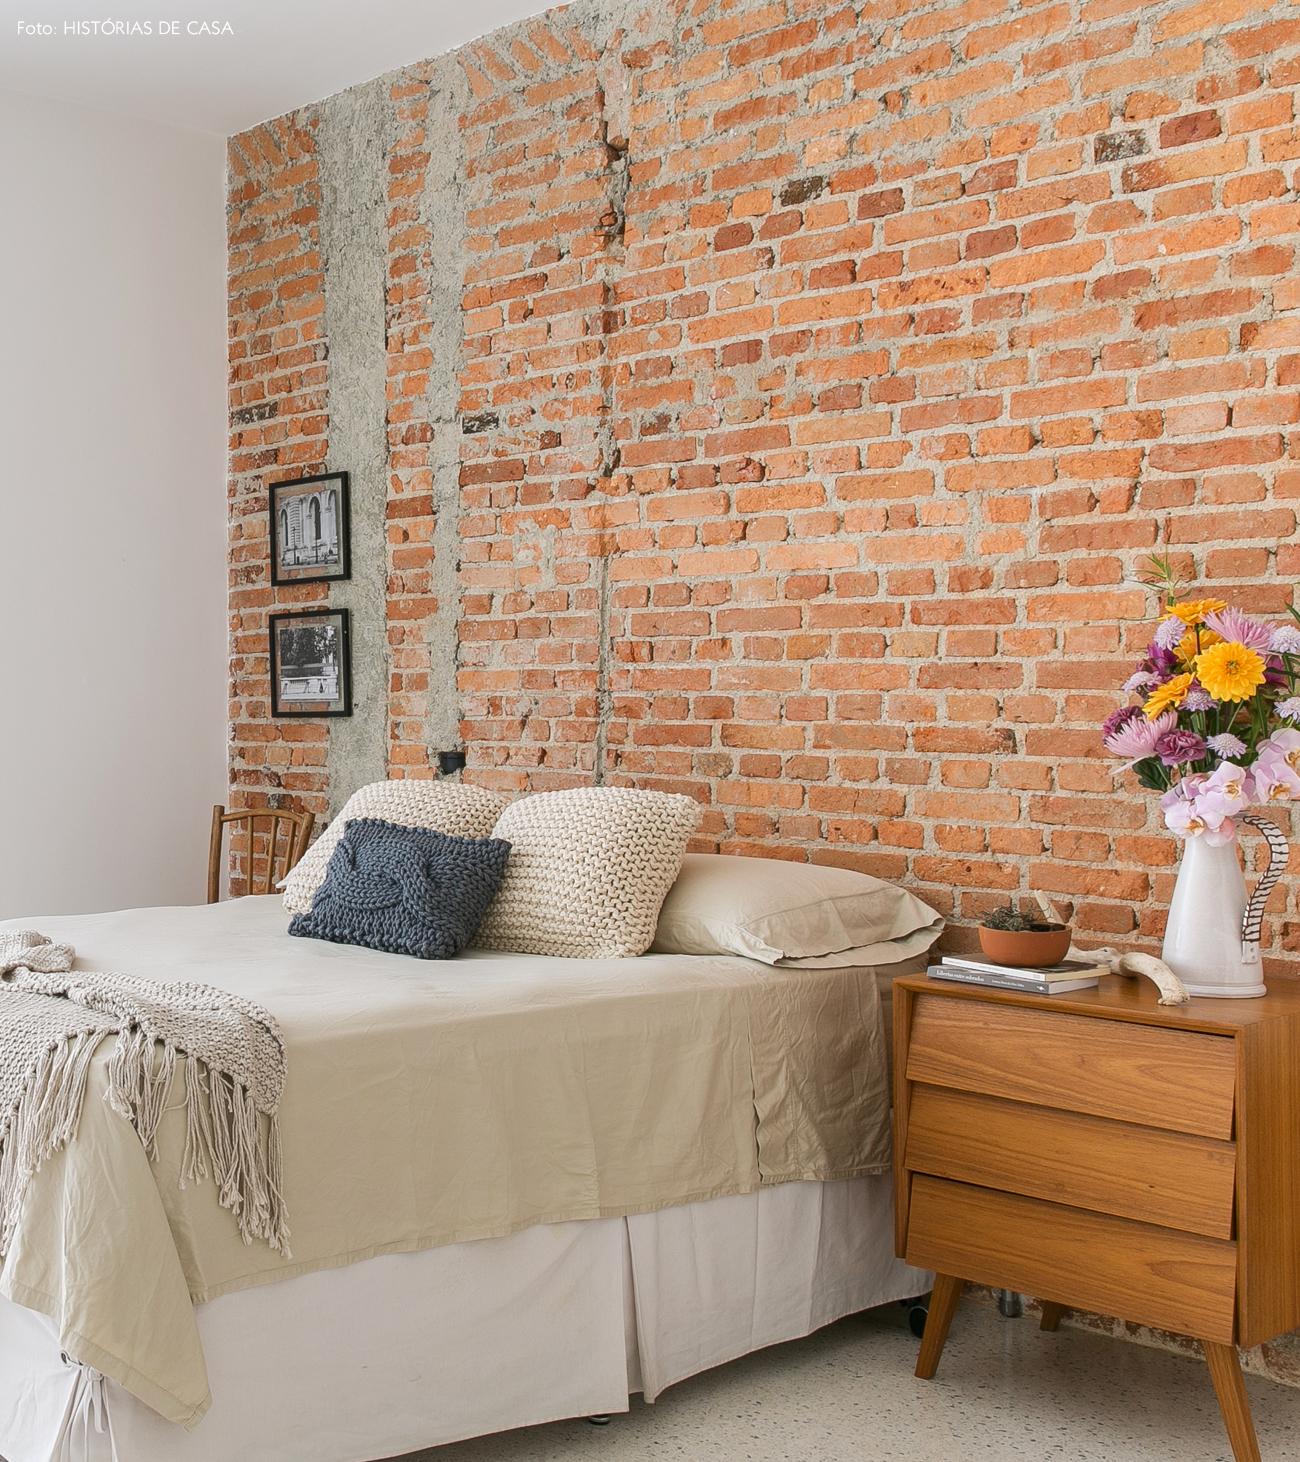 27-decoracao-quarto-casal-parede-tijolinhos-almofadas-trico-boobam